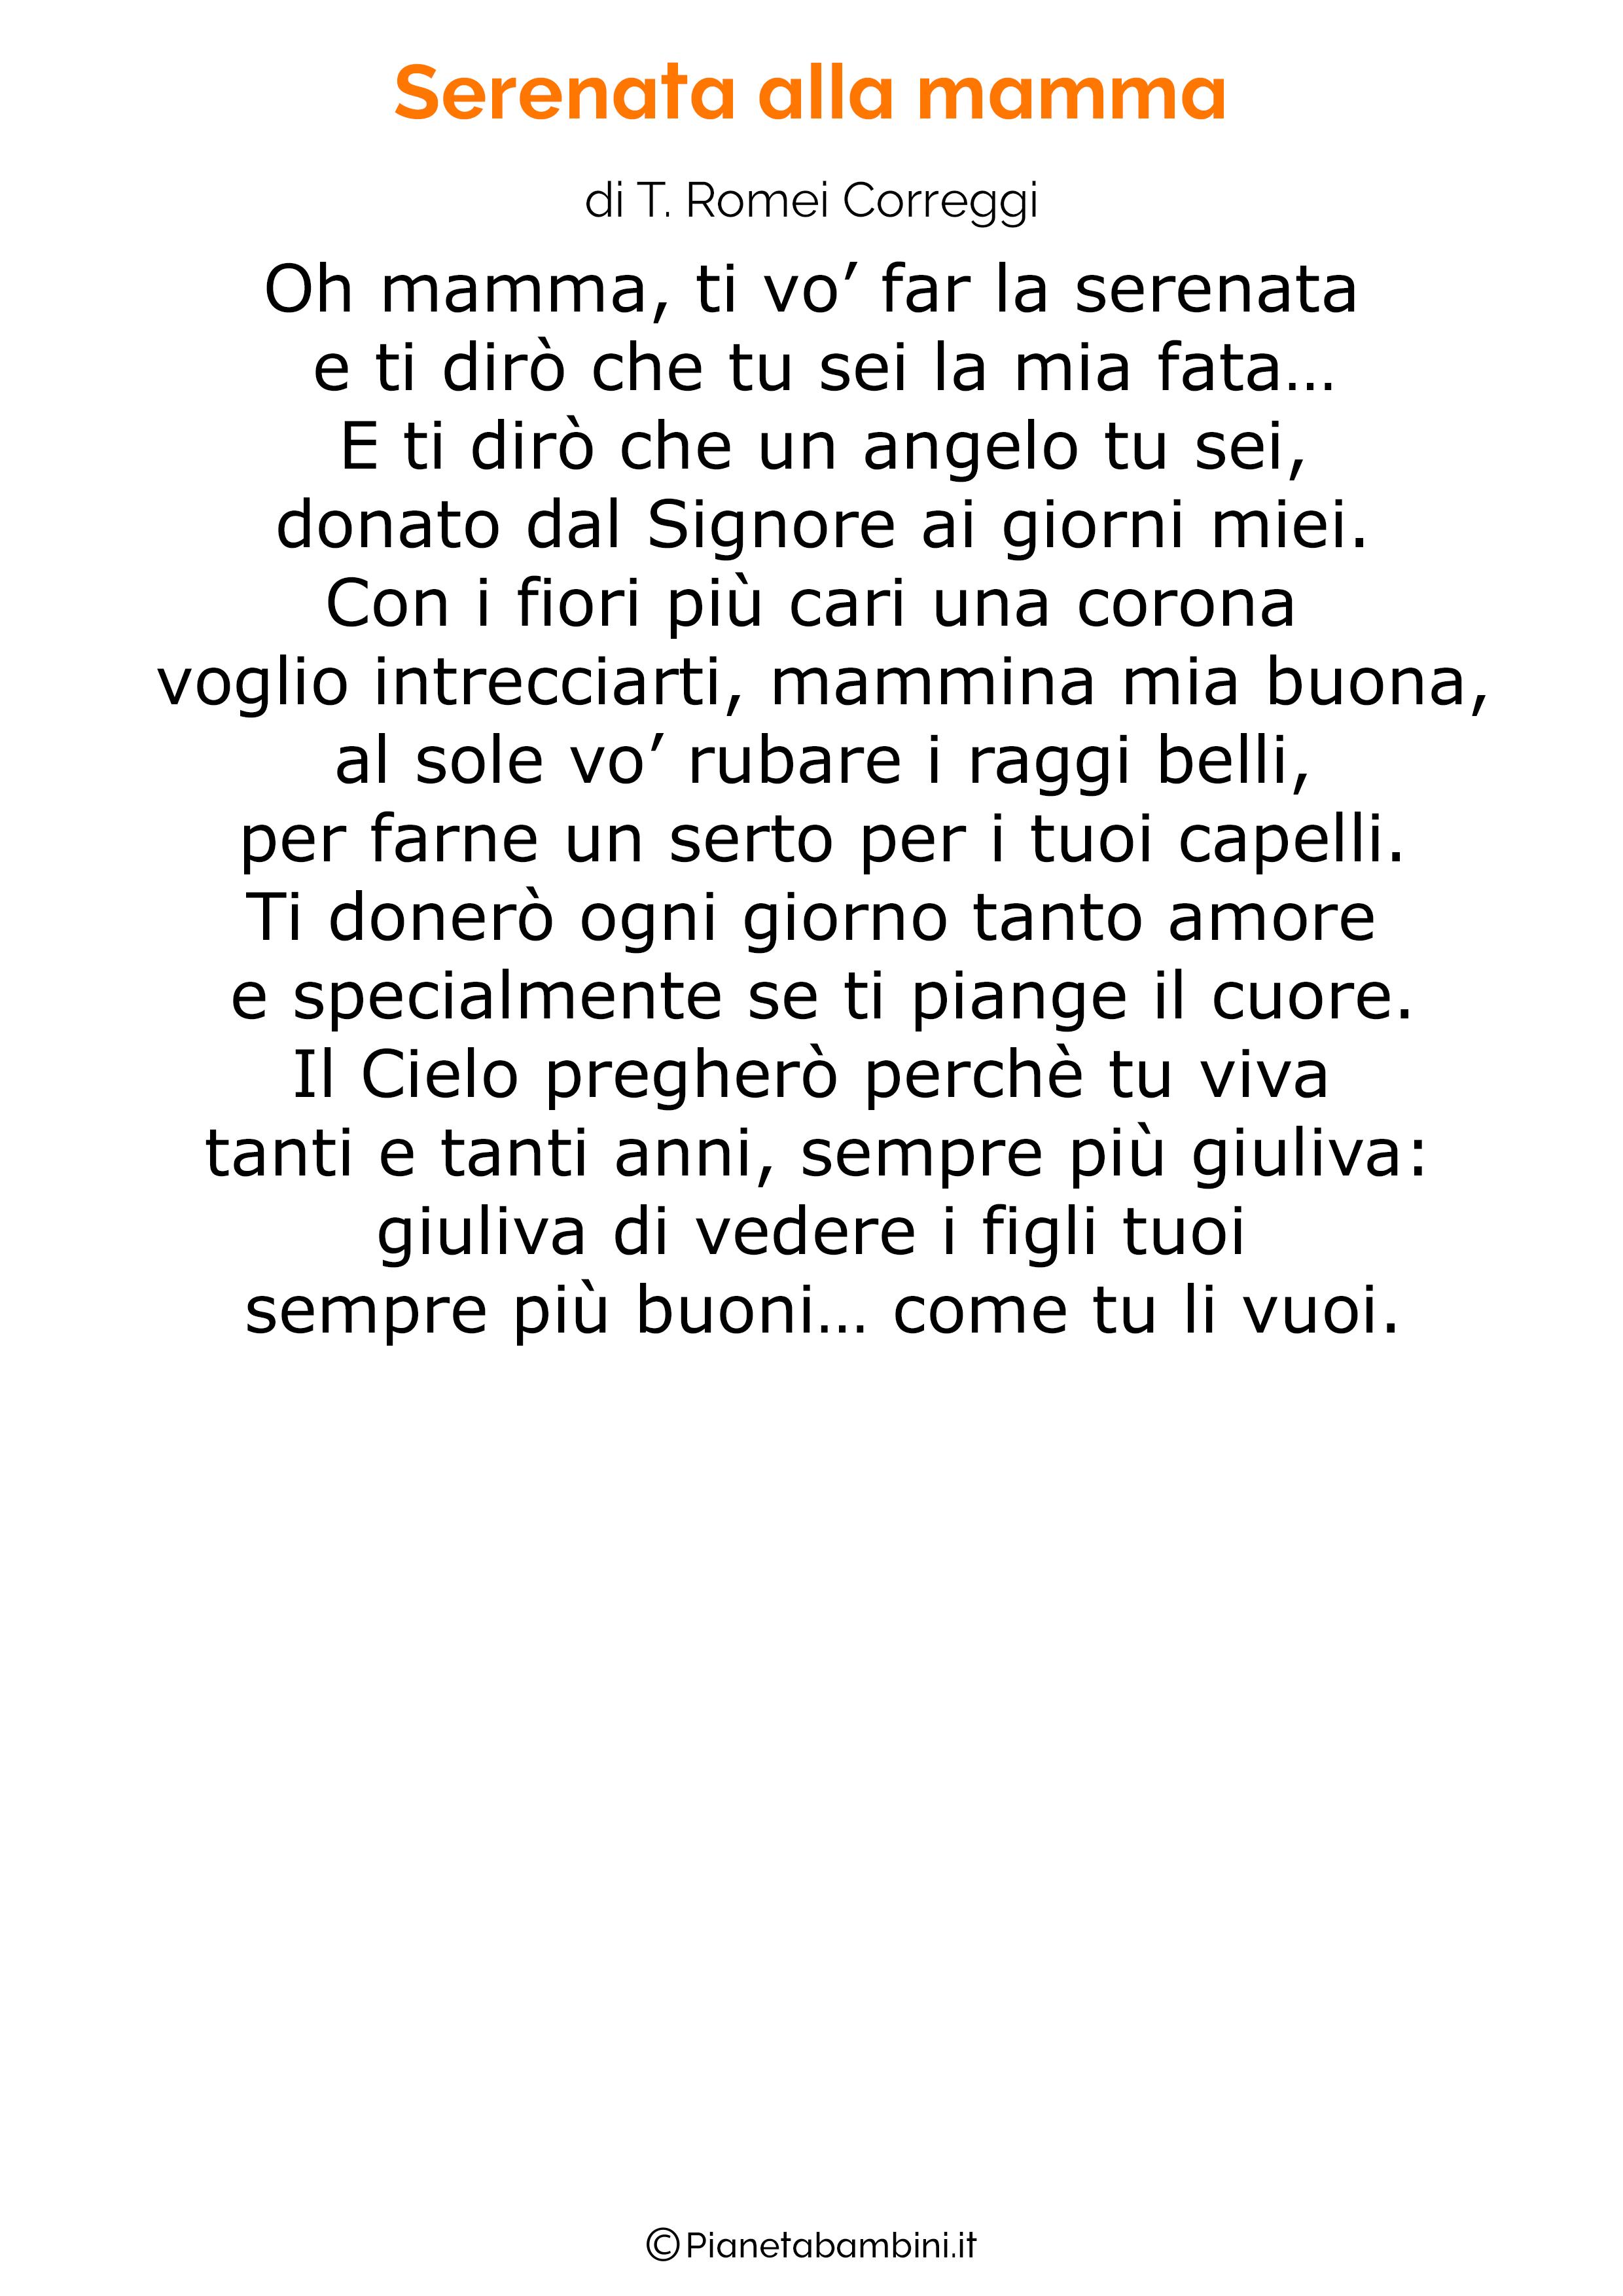 Poesia per la festa della mamma da stampare 15